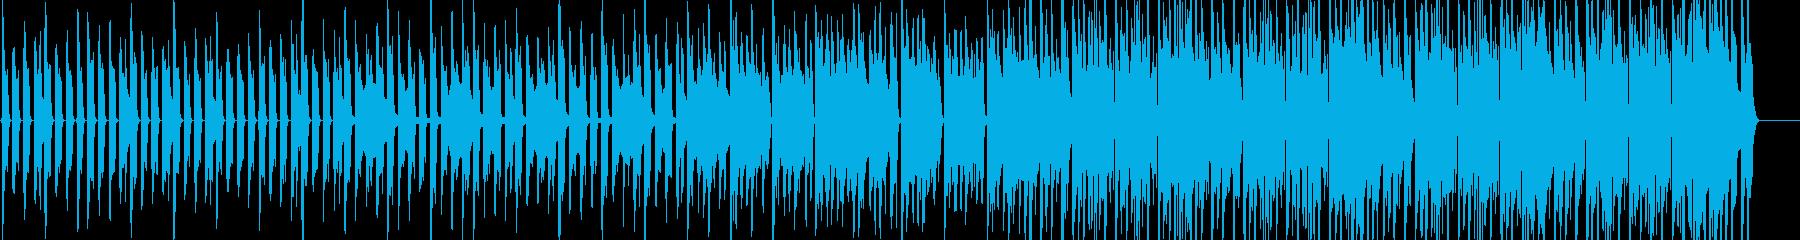 クイズ用タイムカウントダウン音源の再生済みの波形